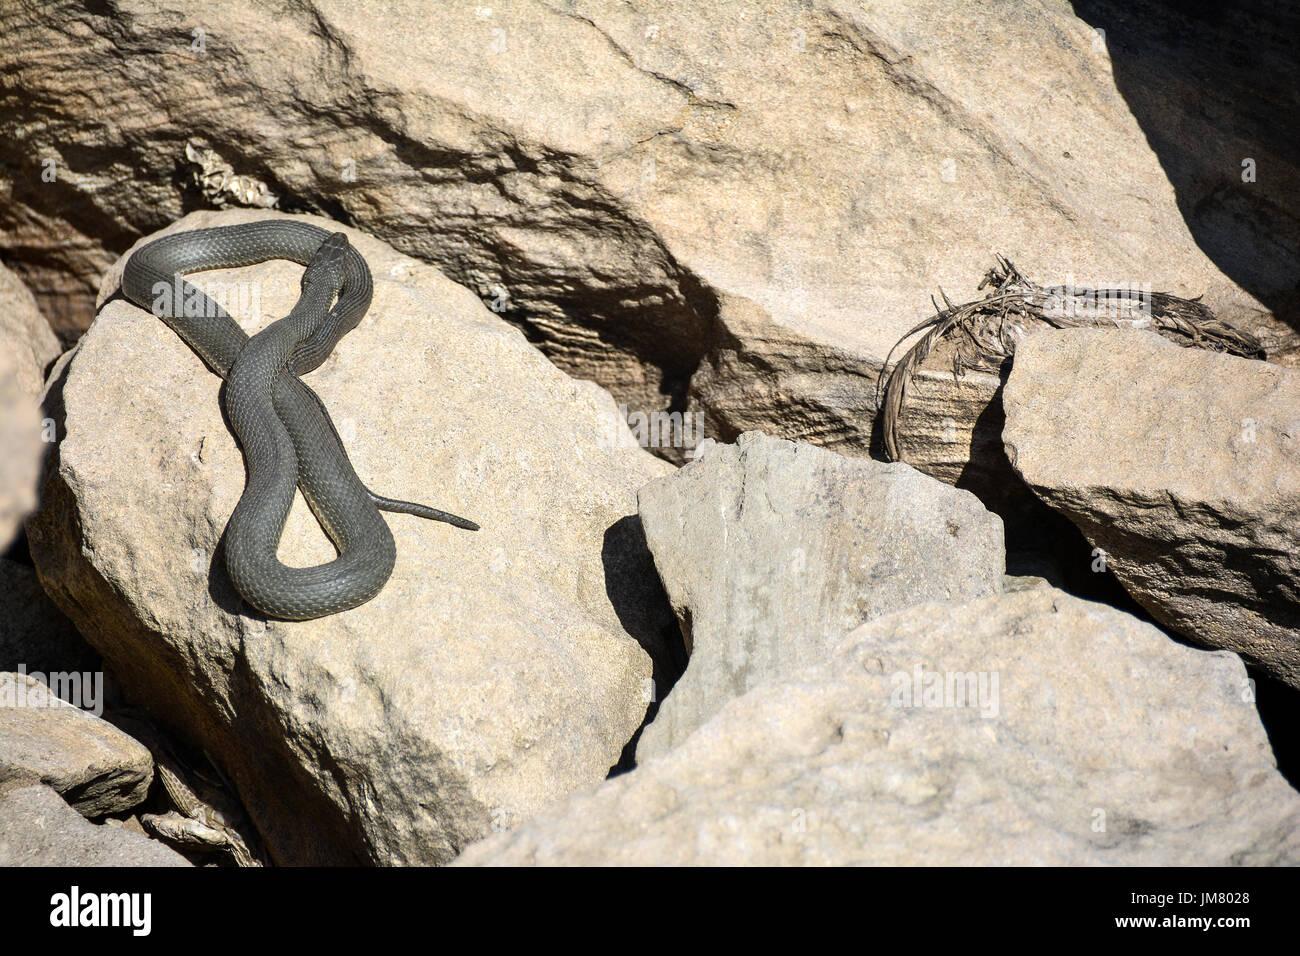 La Serpiente en las rocas Imagen De Stock